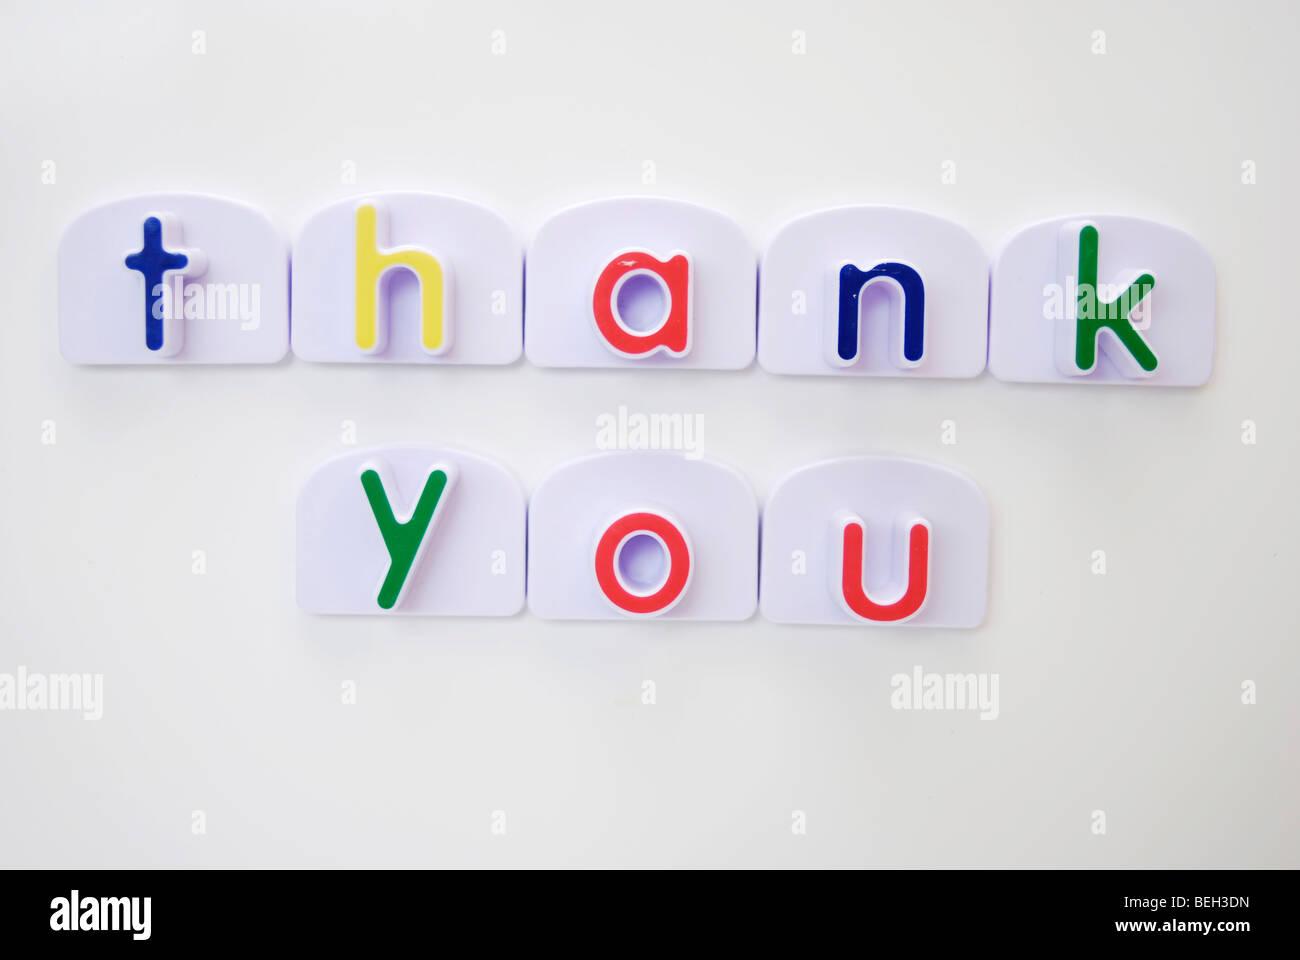 Message de remerciement avec aimant frigo lettres Photo Stock